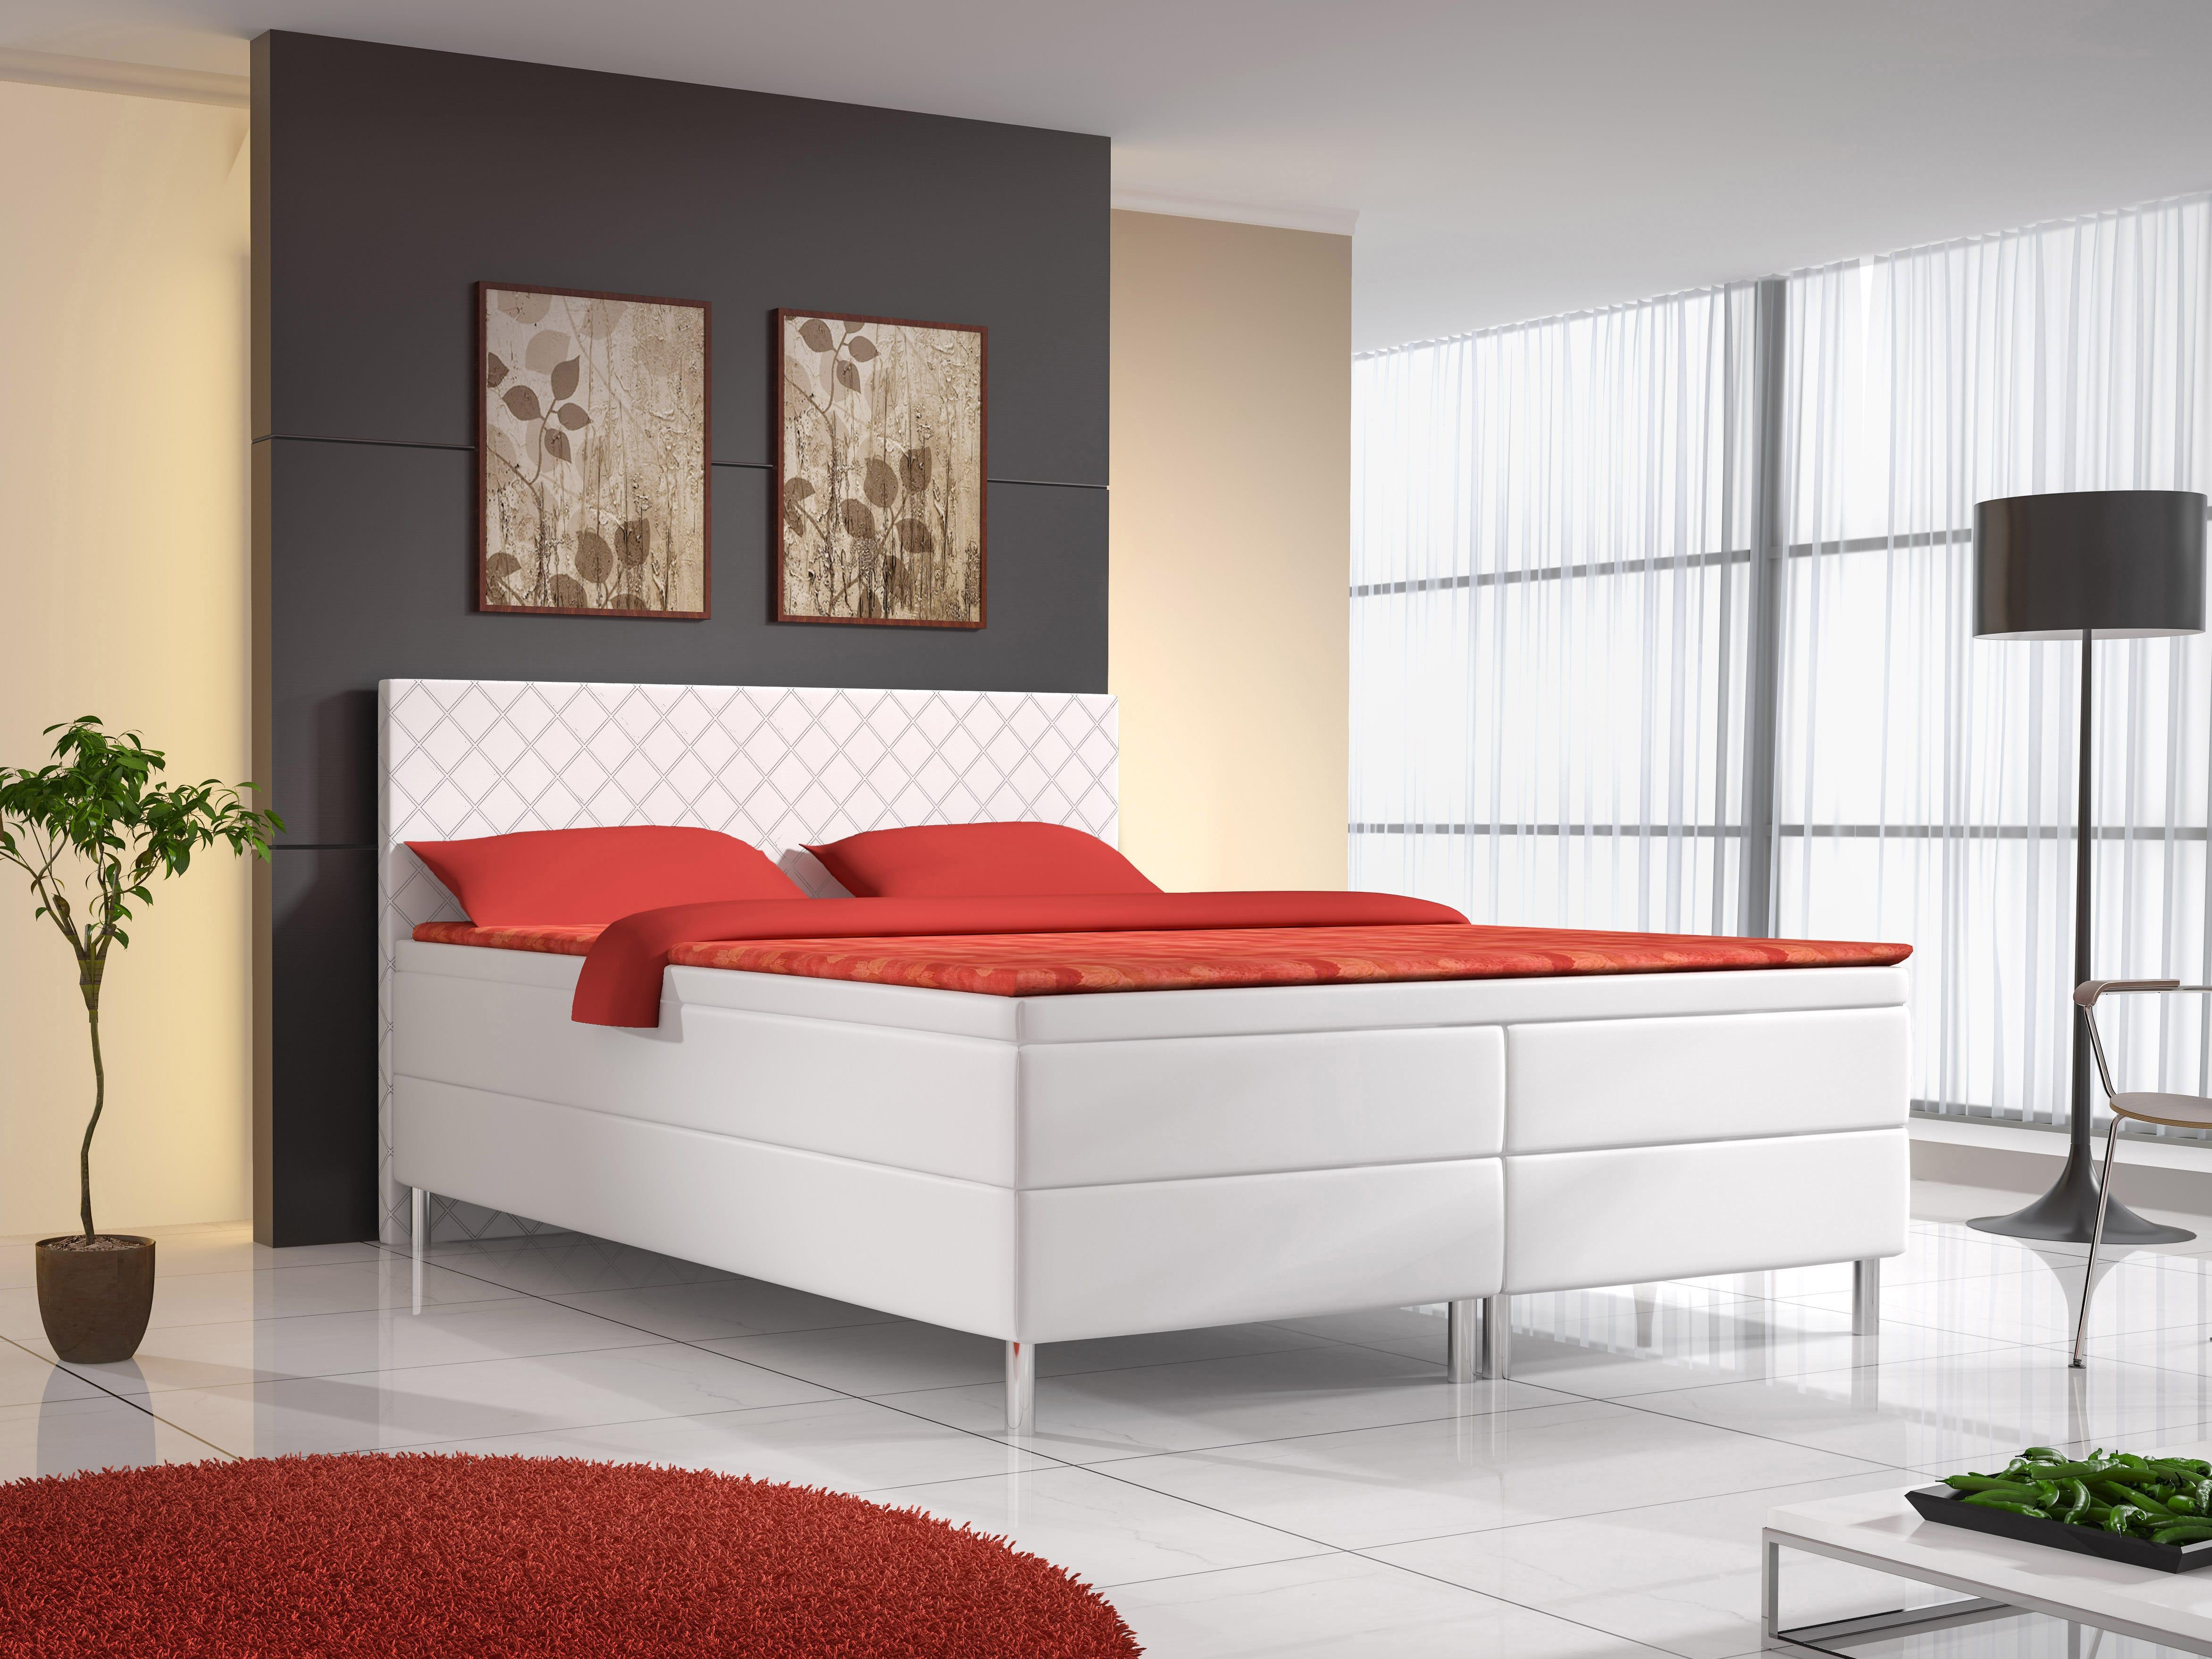 Manželská postel Boxspring 140 cm - Mariana (bílá) (s matracemi)